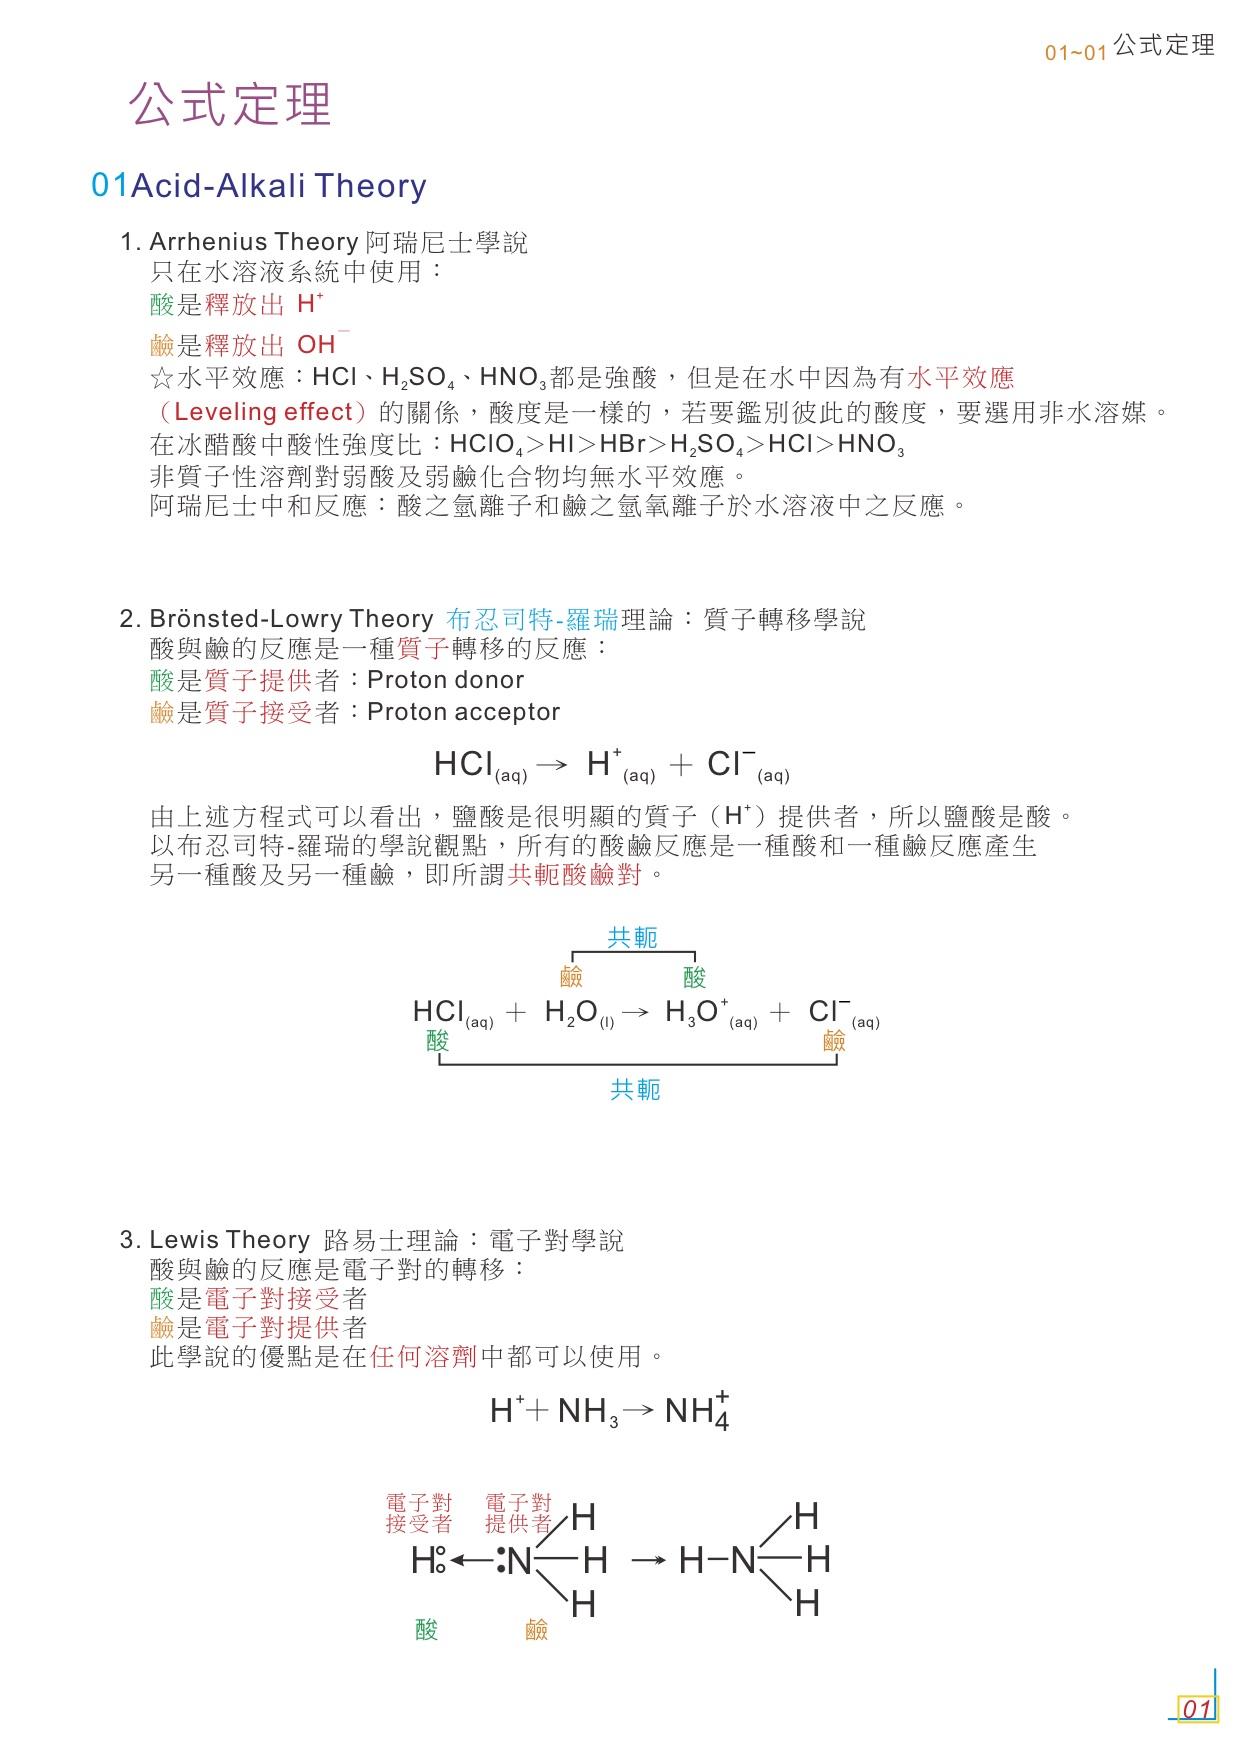 14藥物分析重點整理公式定理.jpg